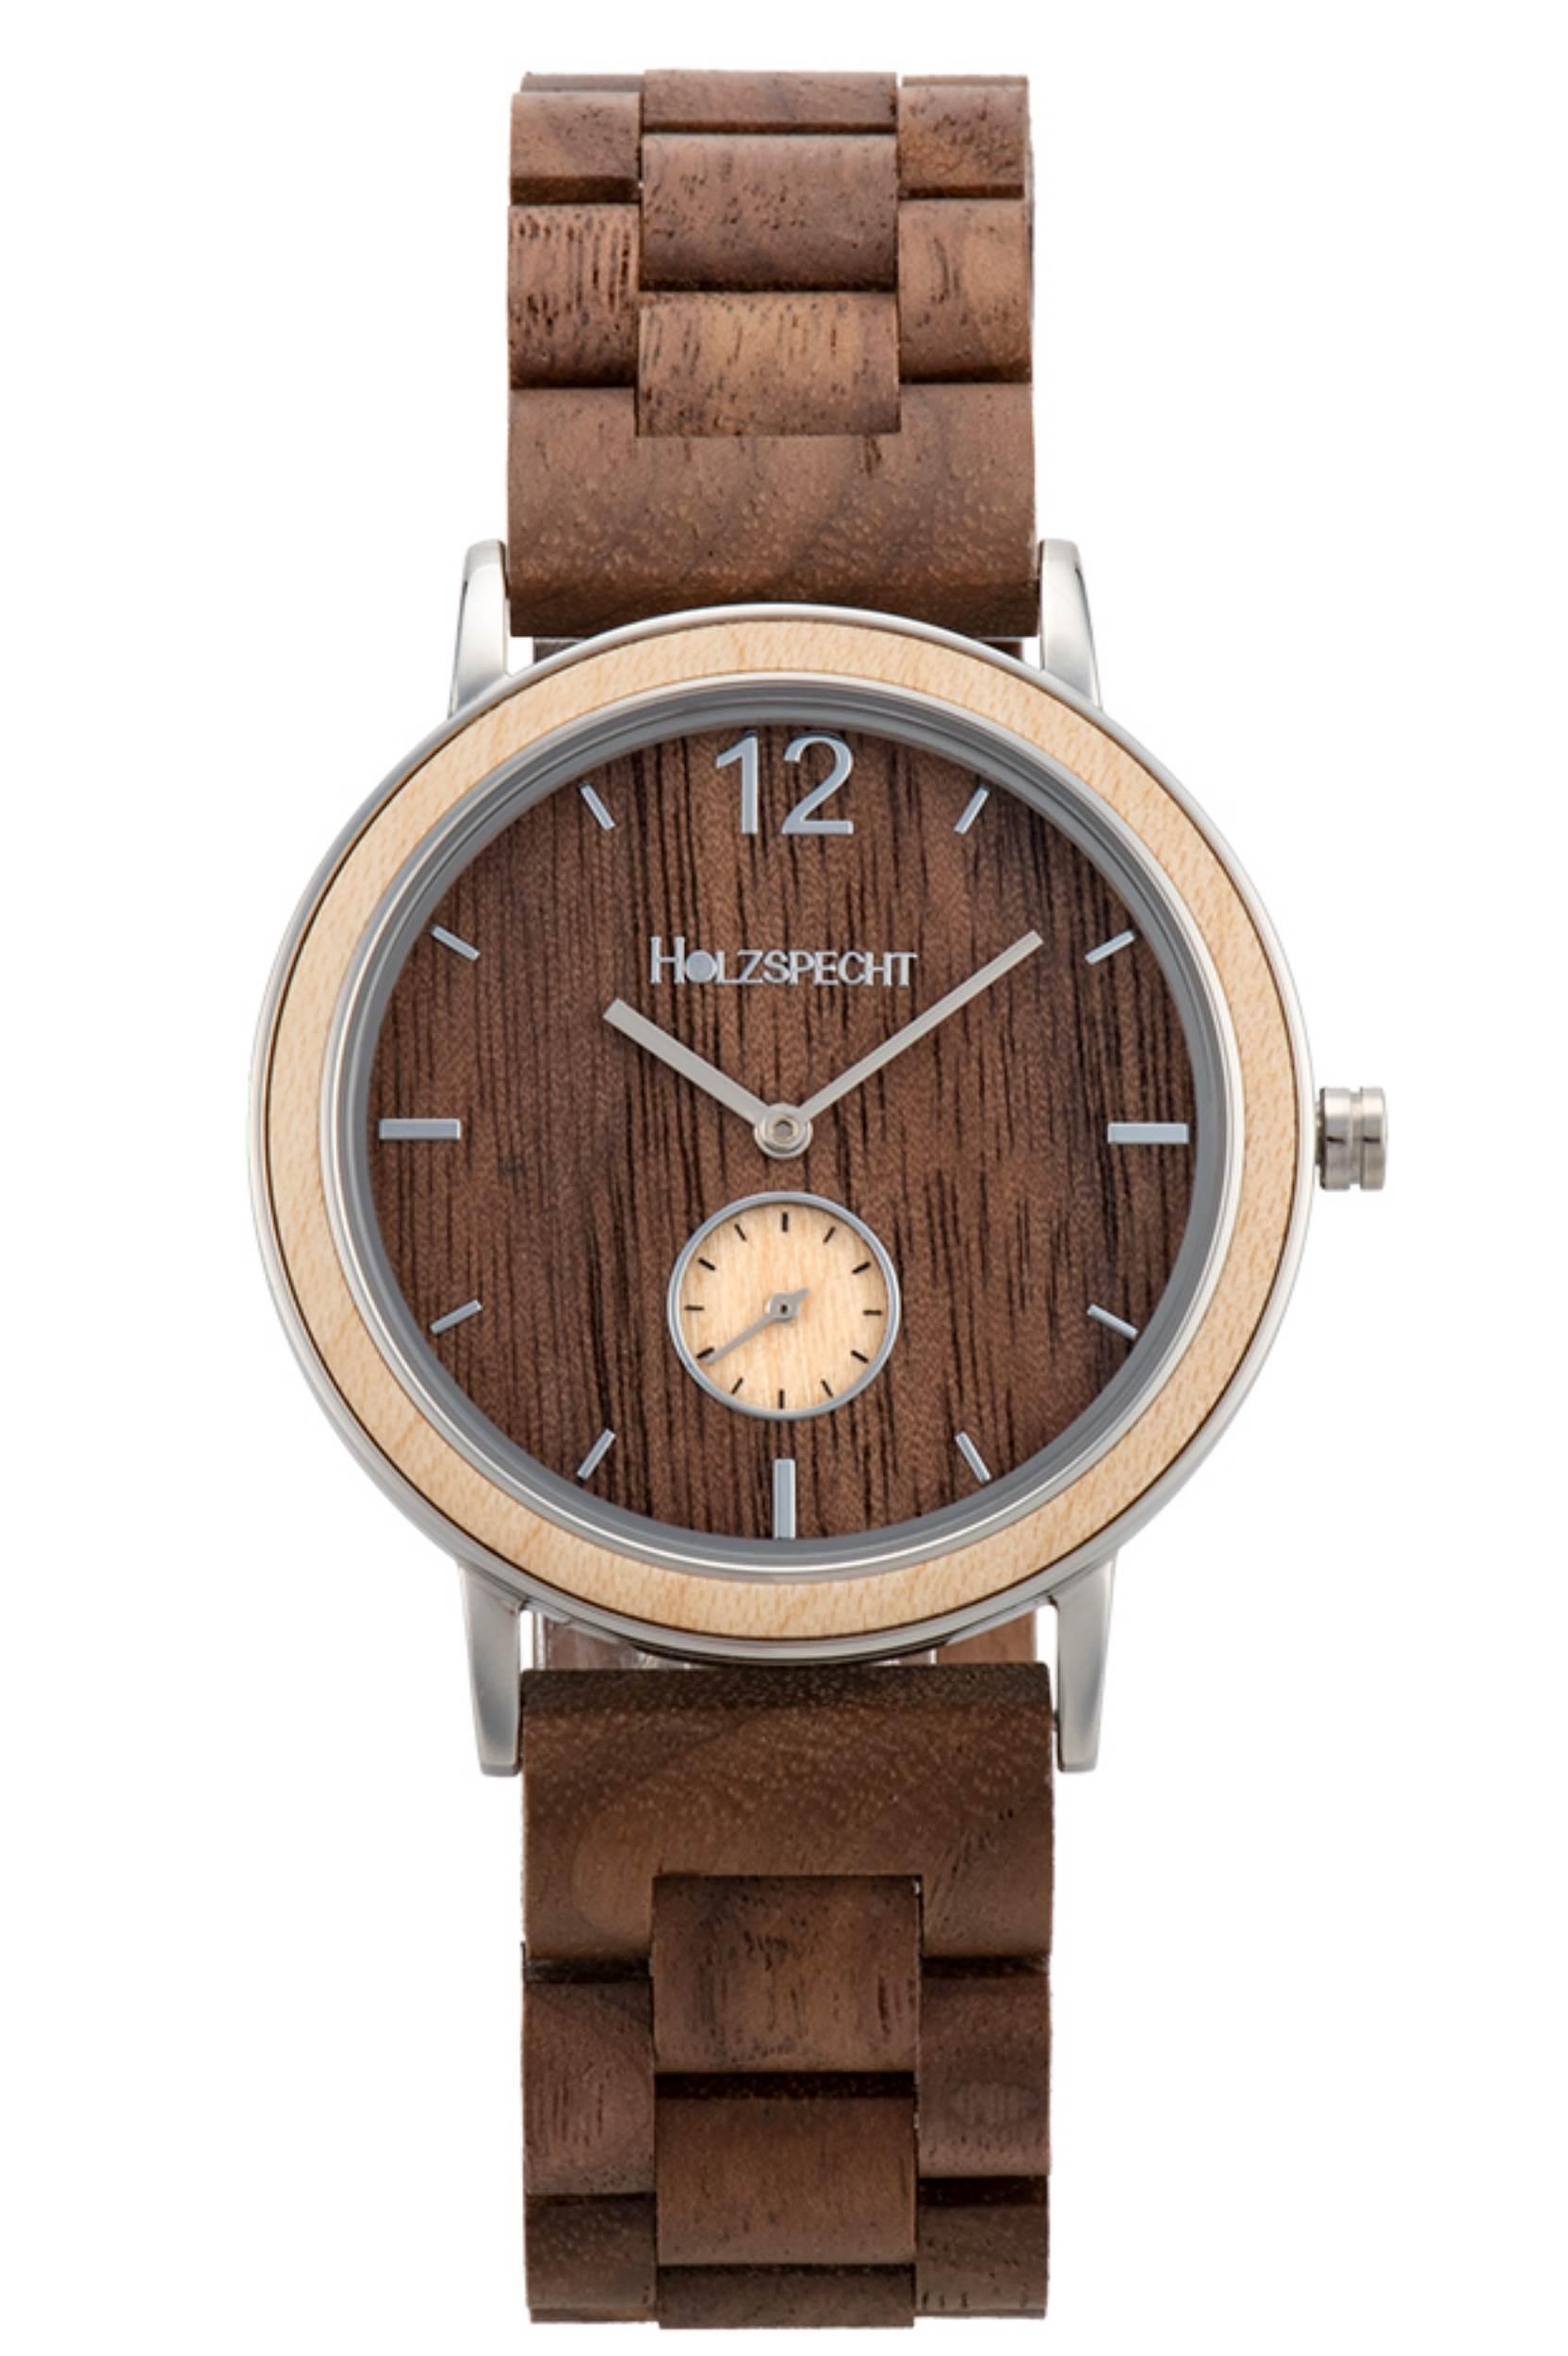 Holzspecht Wooden Watch Karwendel Maple Walnut